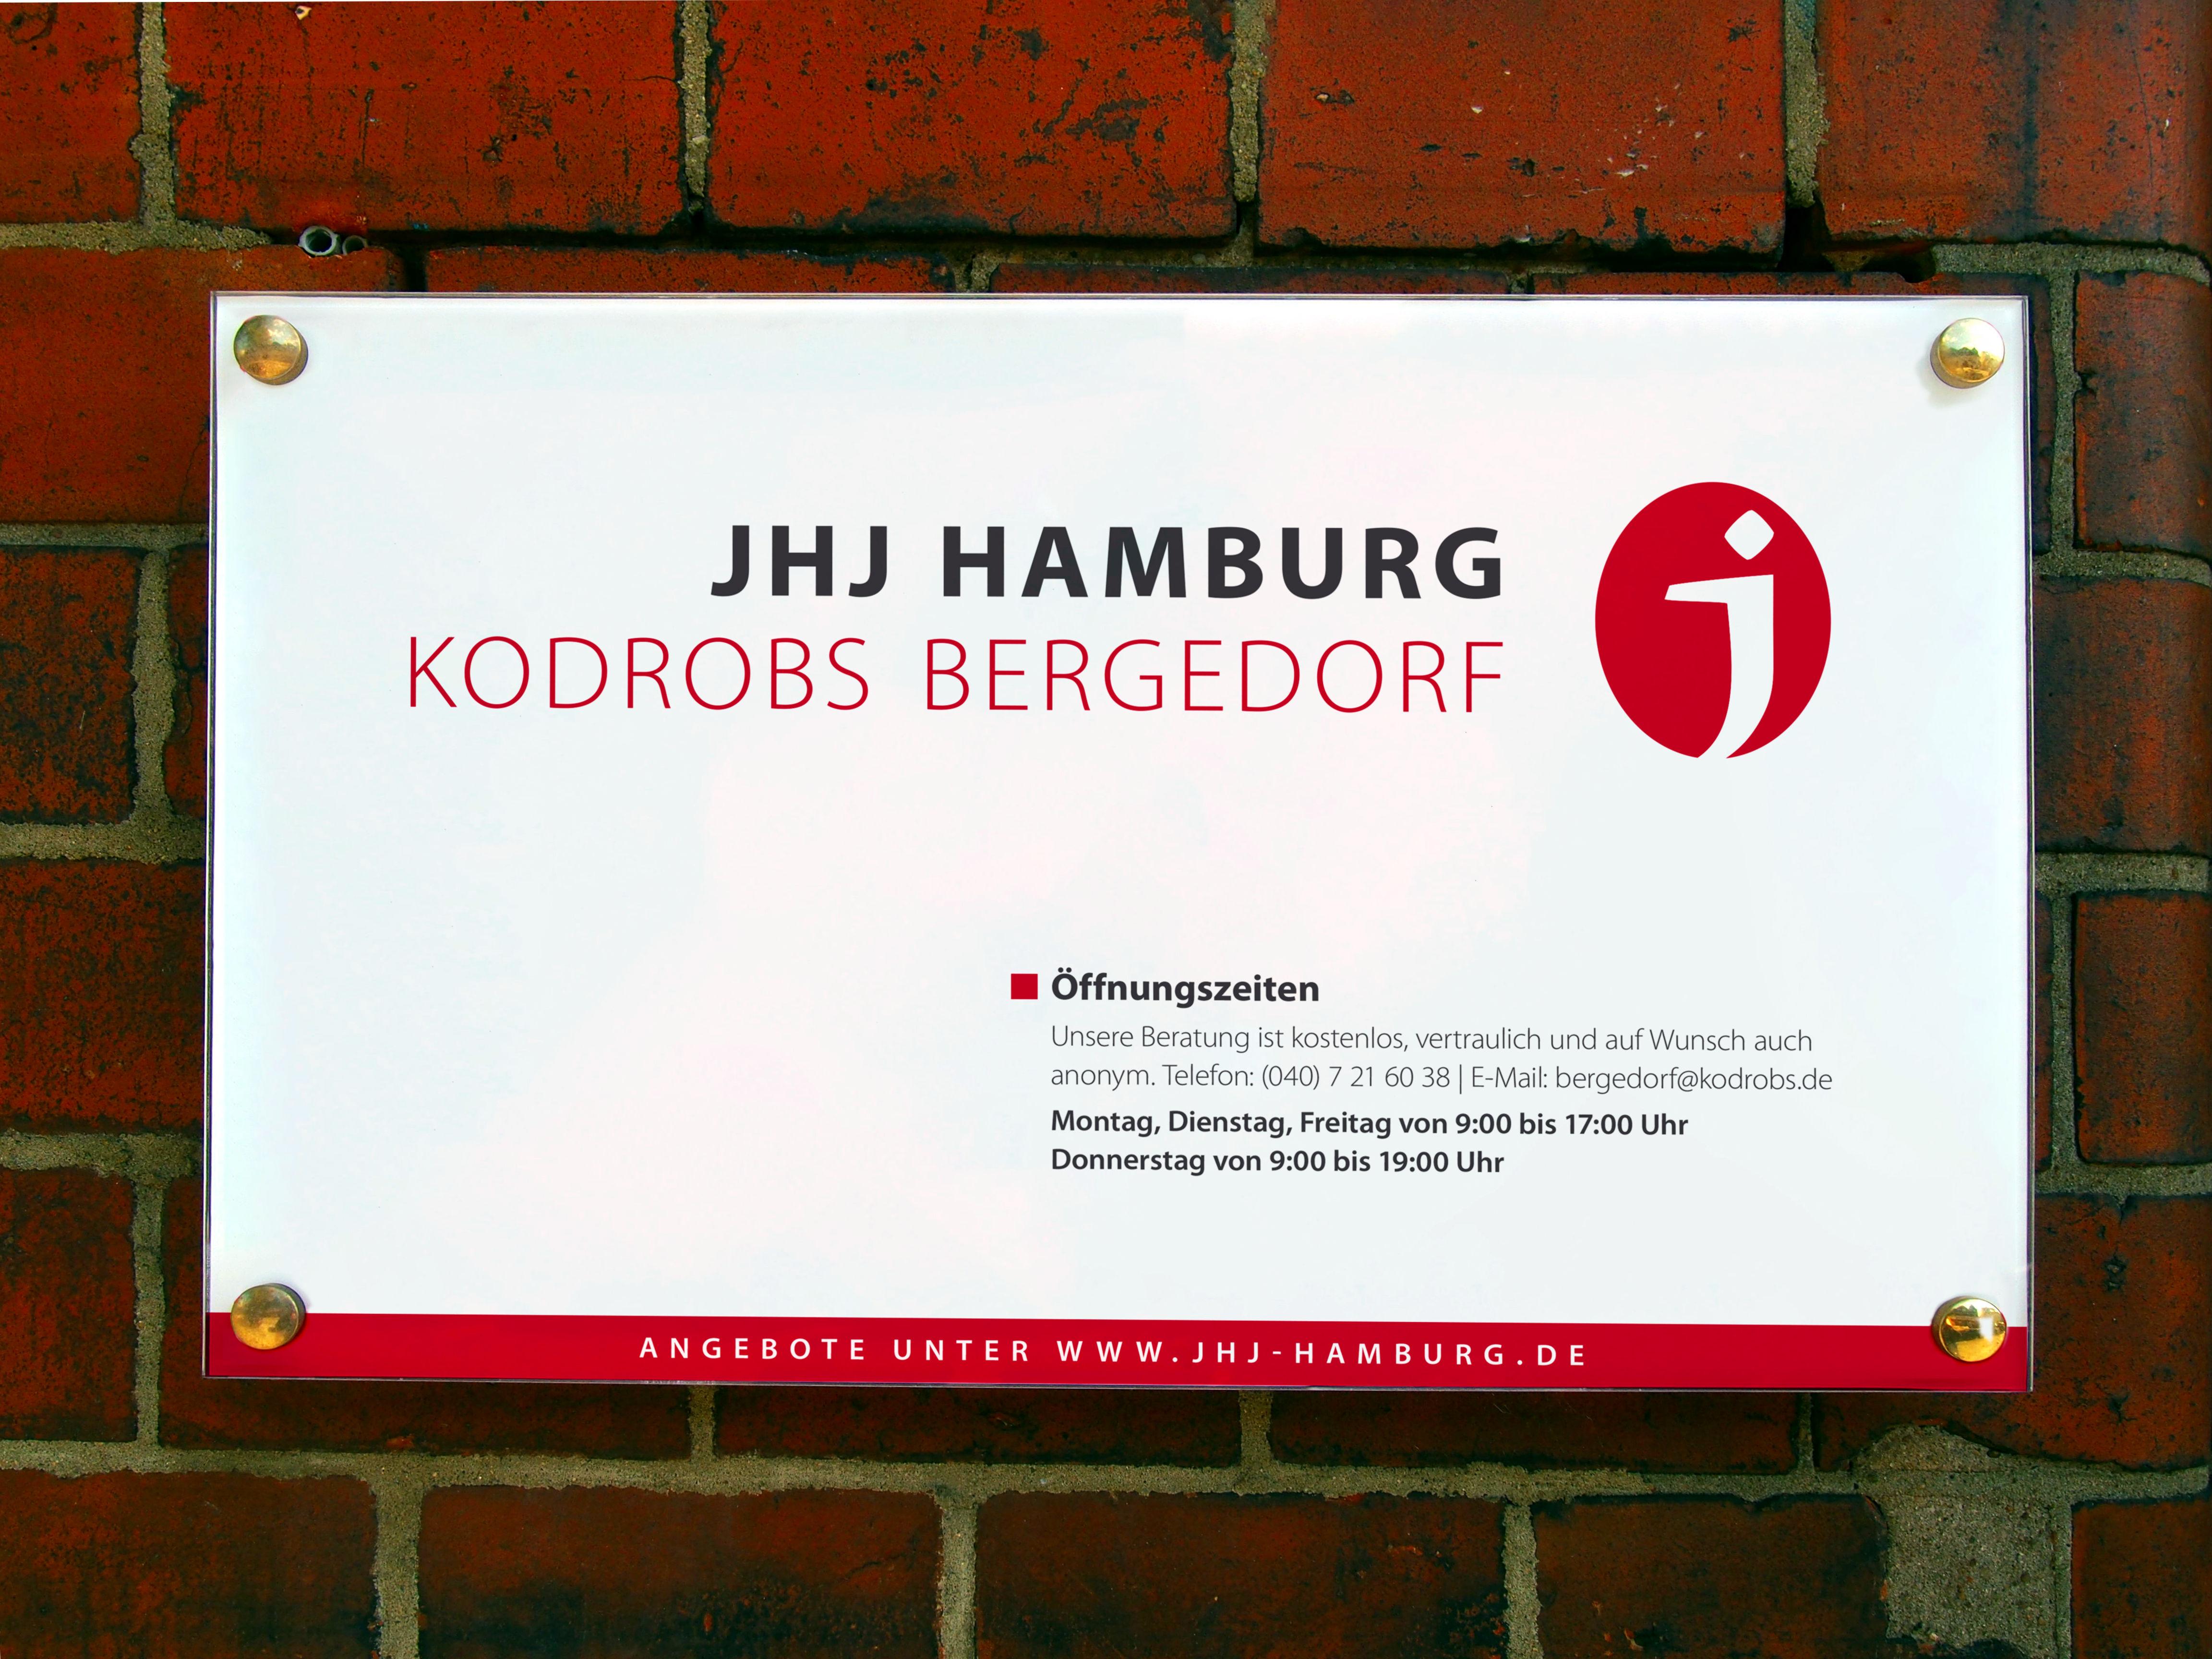 Bild: Kodrobs Bergedorf